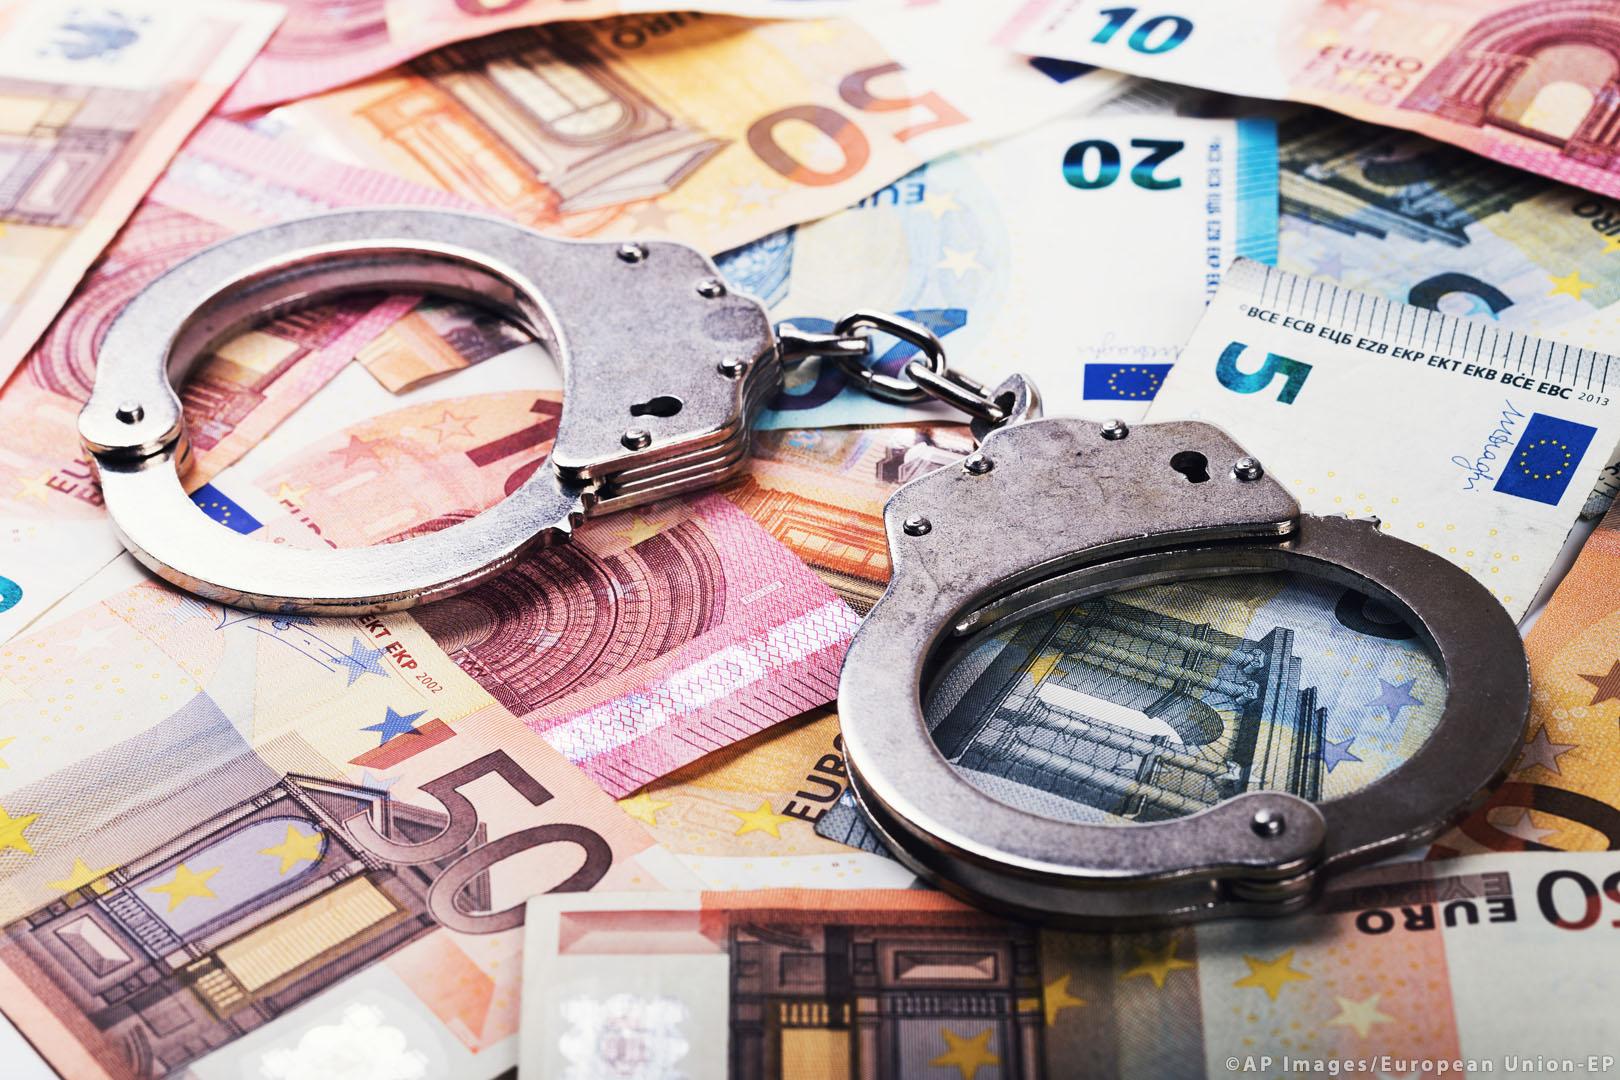 Eвропарламентот повика на формирање финансиска полиција и финансиско разузнавање во ЕУ